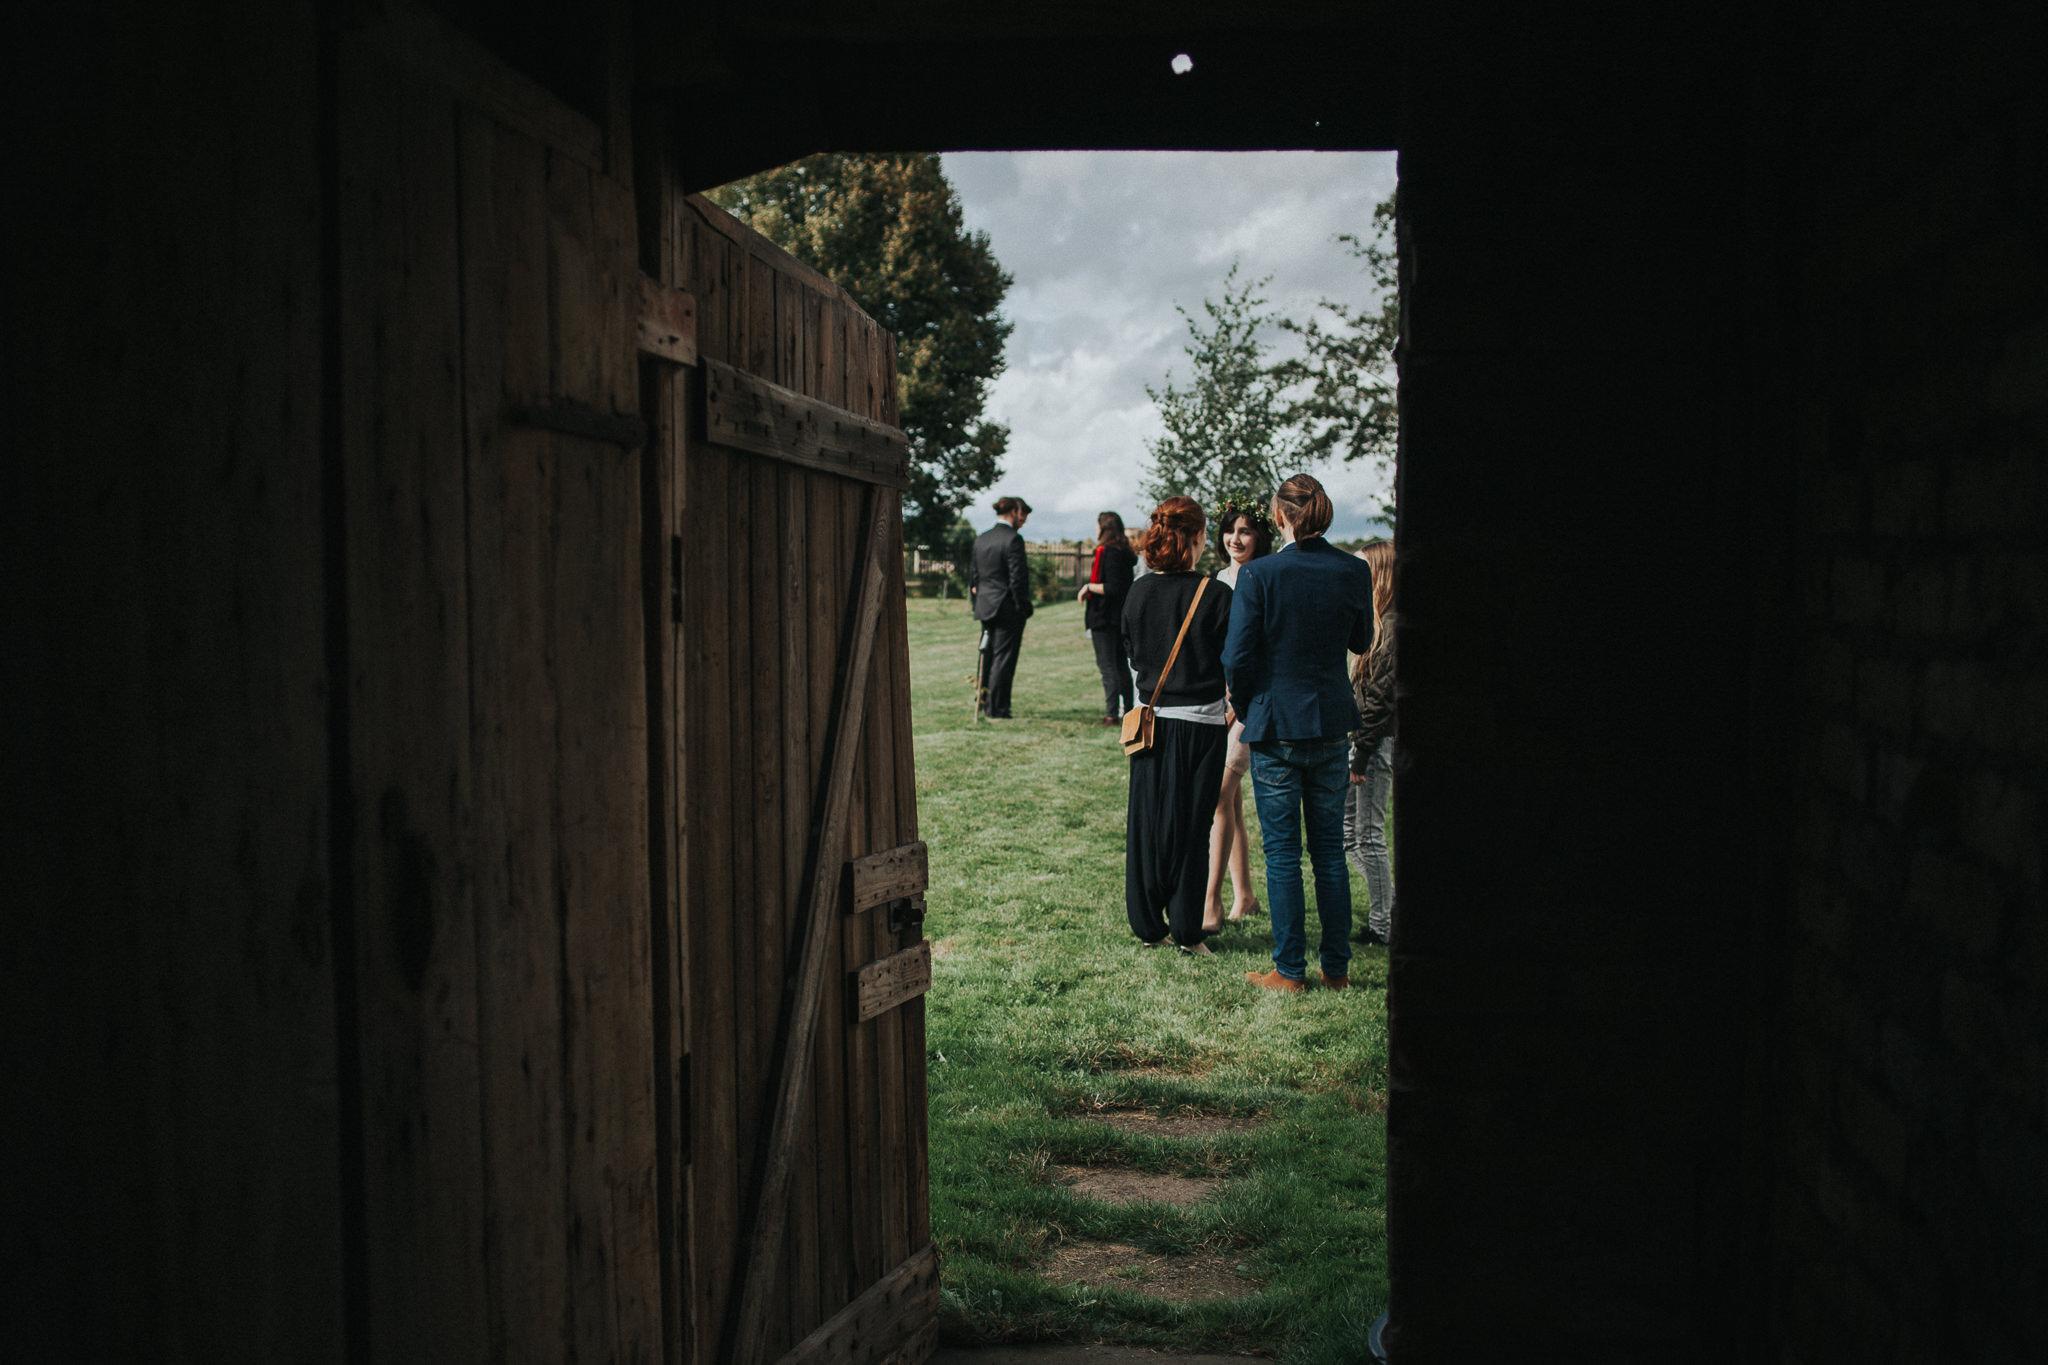 Scheunentür zum Garten mit Hochzeitsgästen